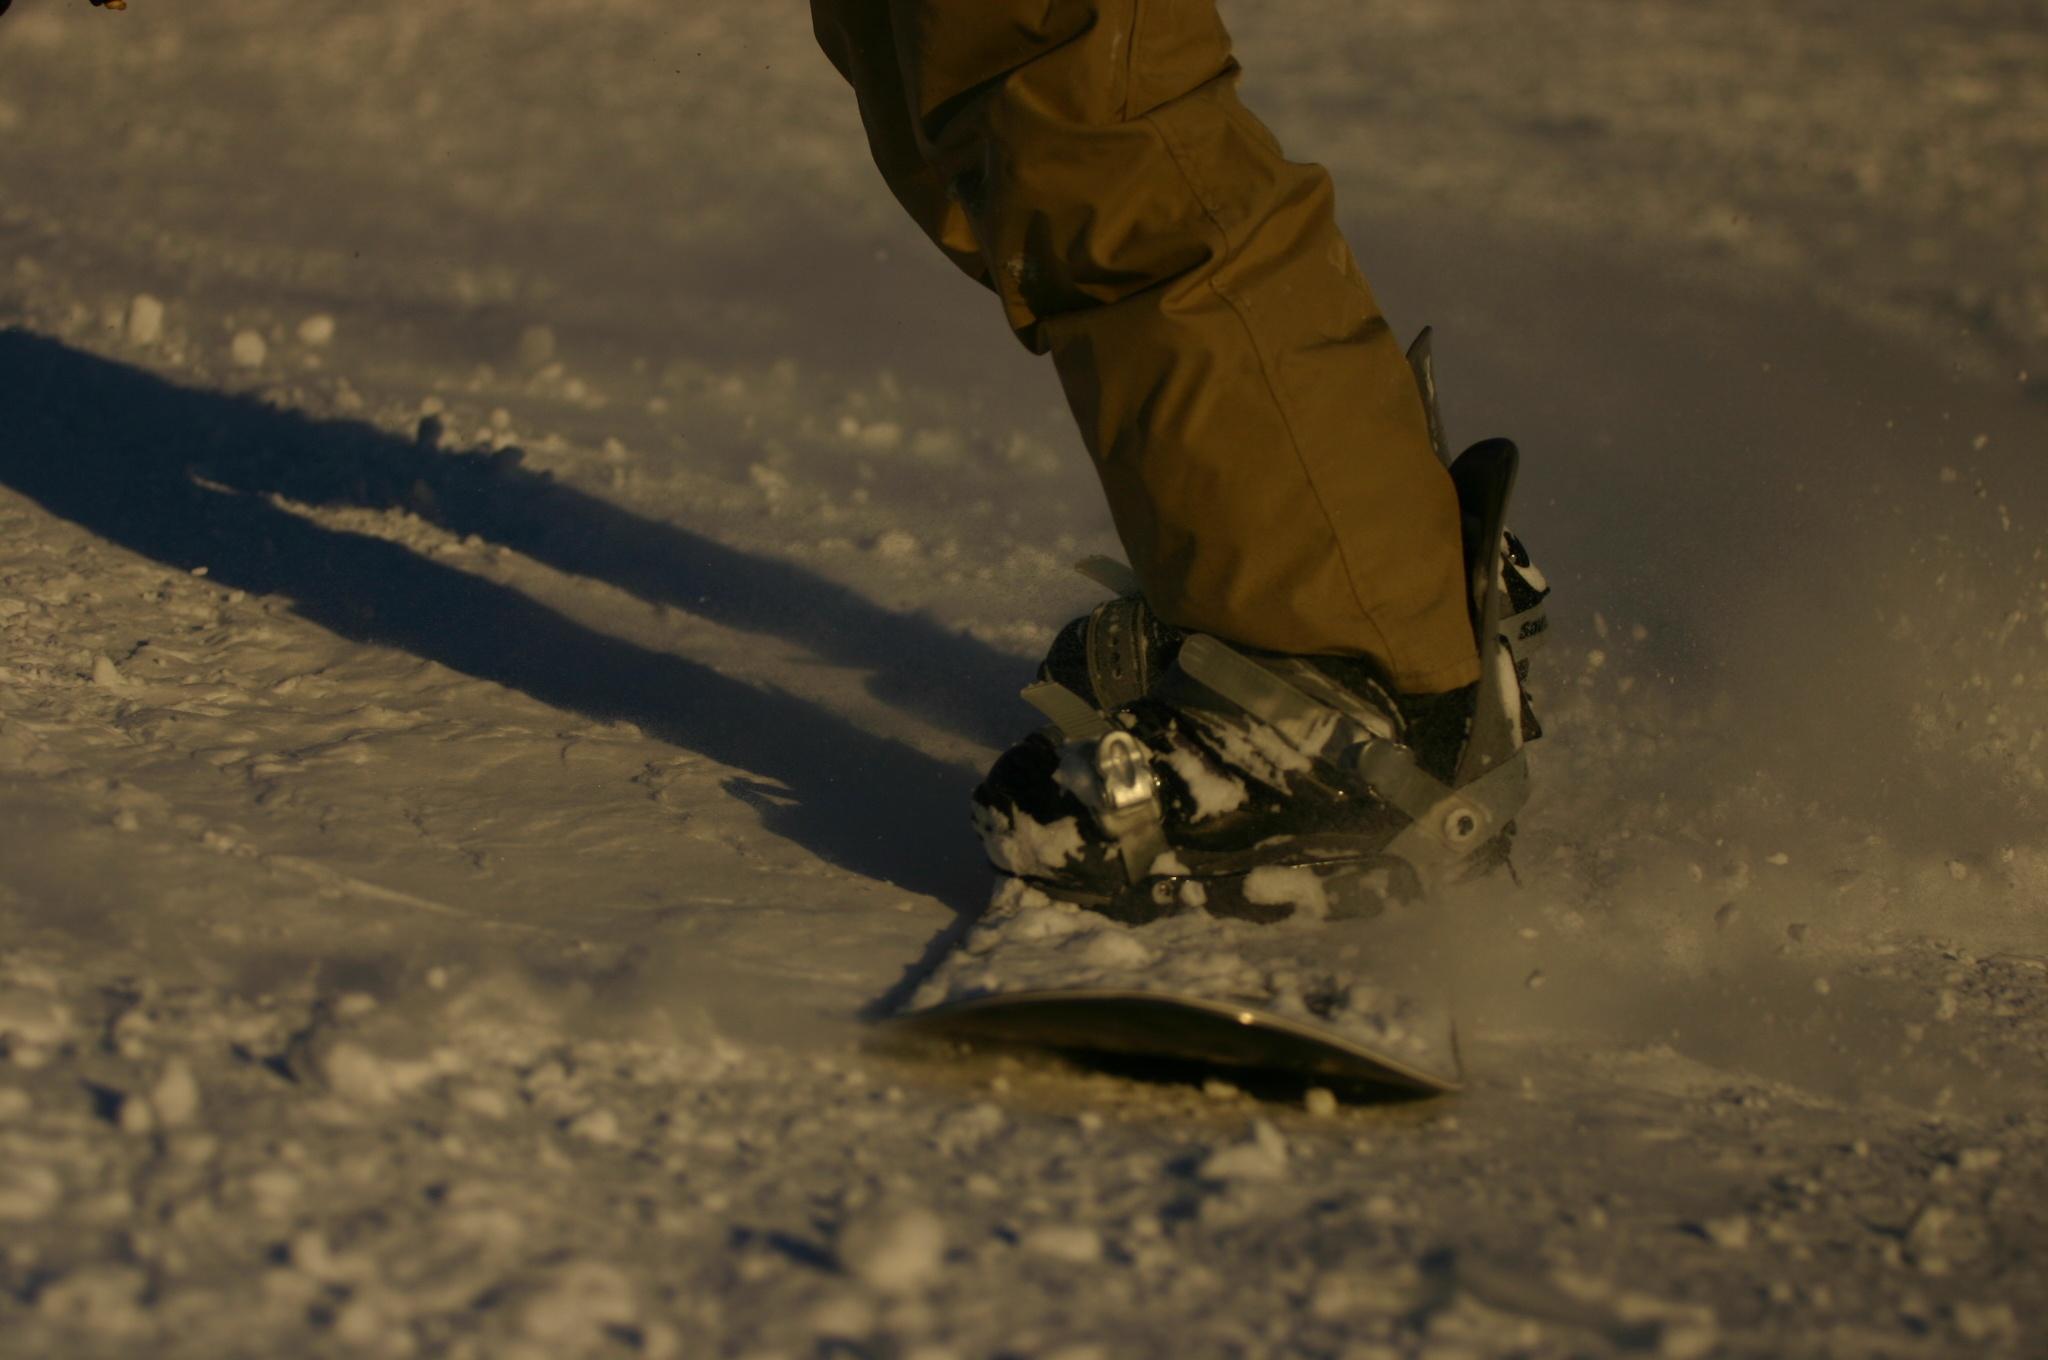 雪まみれのスノーボードの板